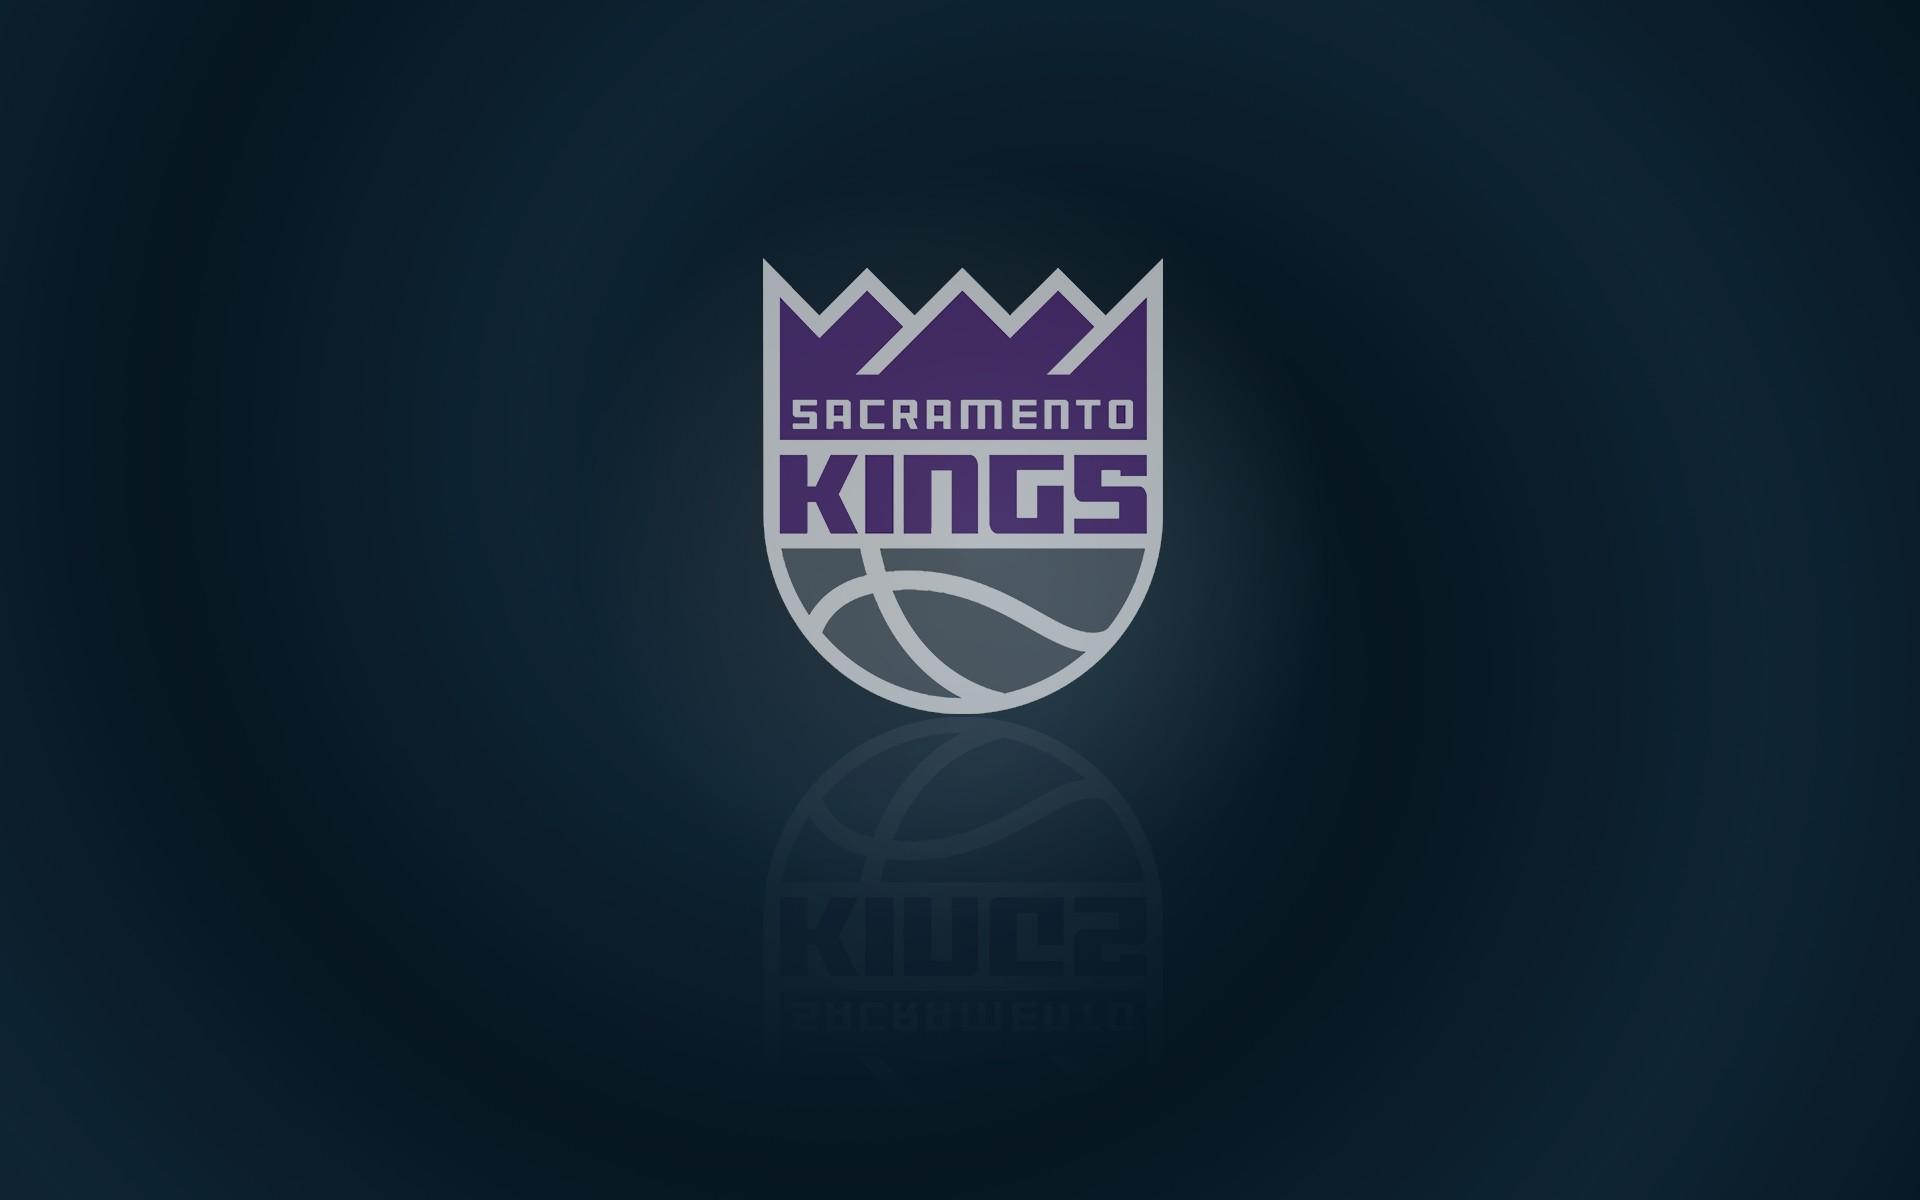 Sacramento Kings wallpaper and logo 1920×1200, widescreen 16×10